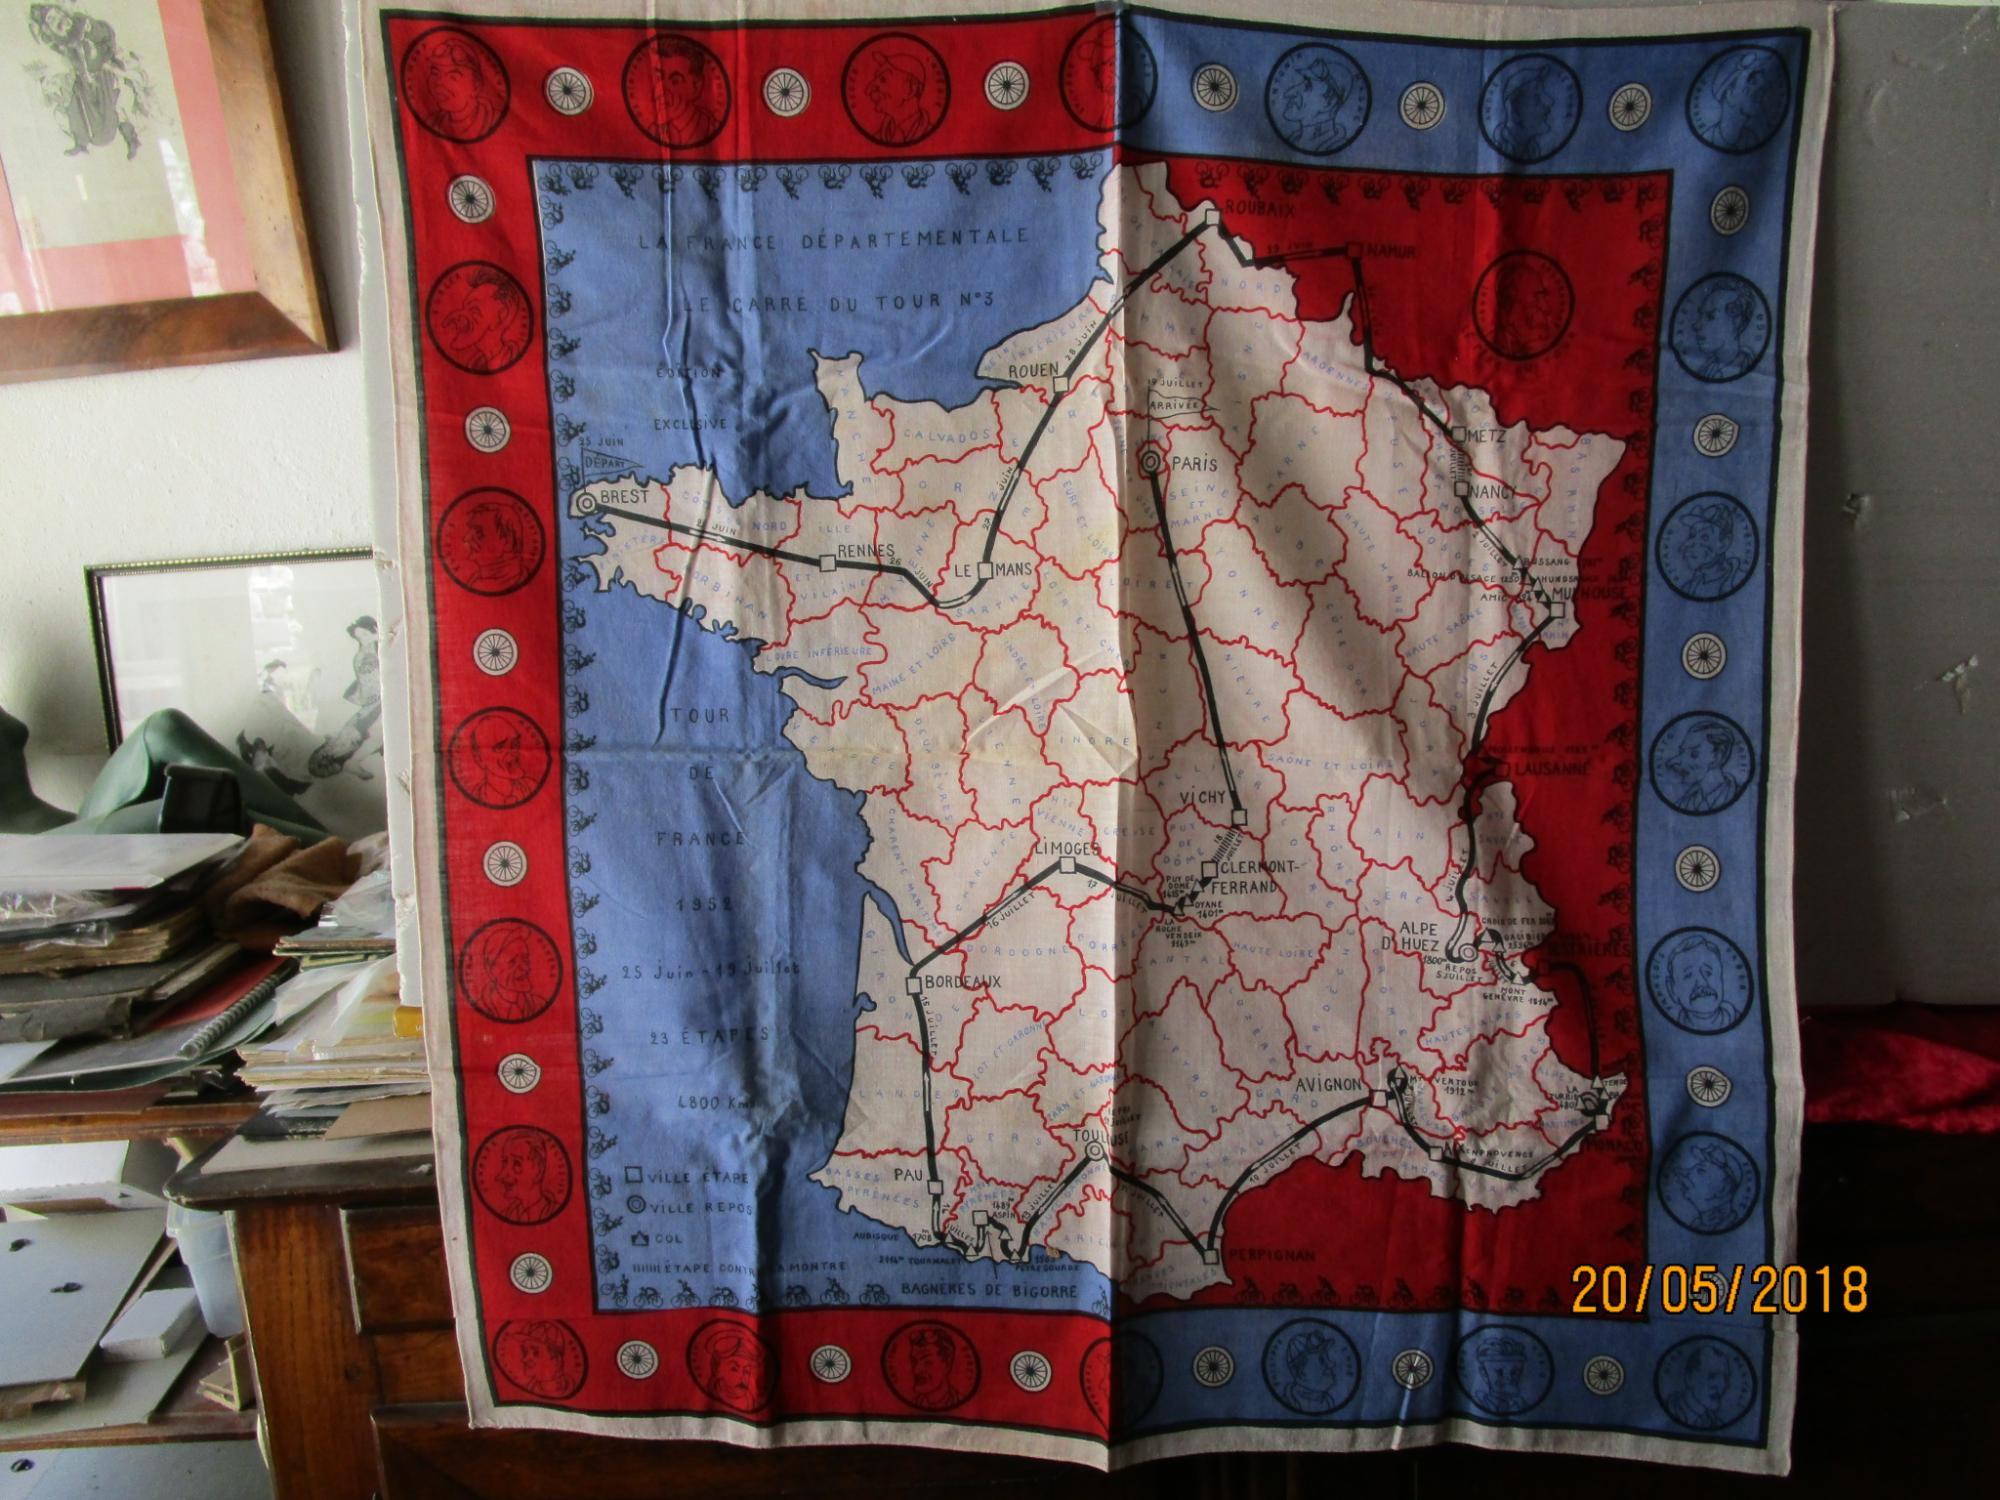 CYCLISME - TOUR de FRANCE de 1952 du 25 JUIN au 19 JUILLET - UN CARRÈ de TISSU IMPRIMÈ N° 3 de 84 x 87 cm